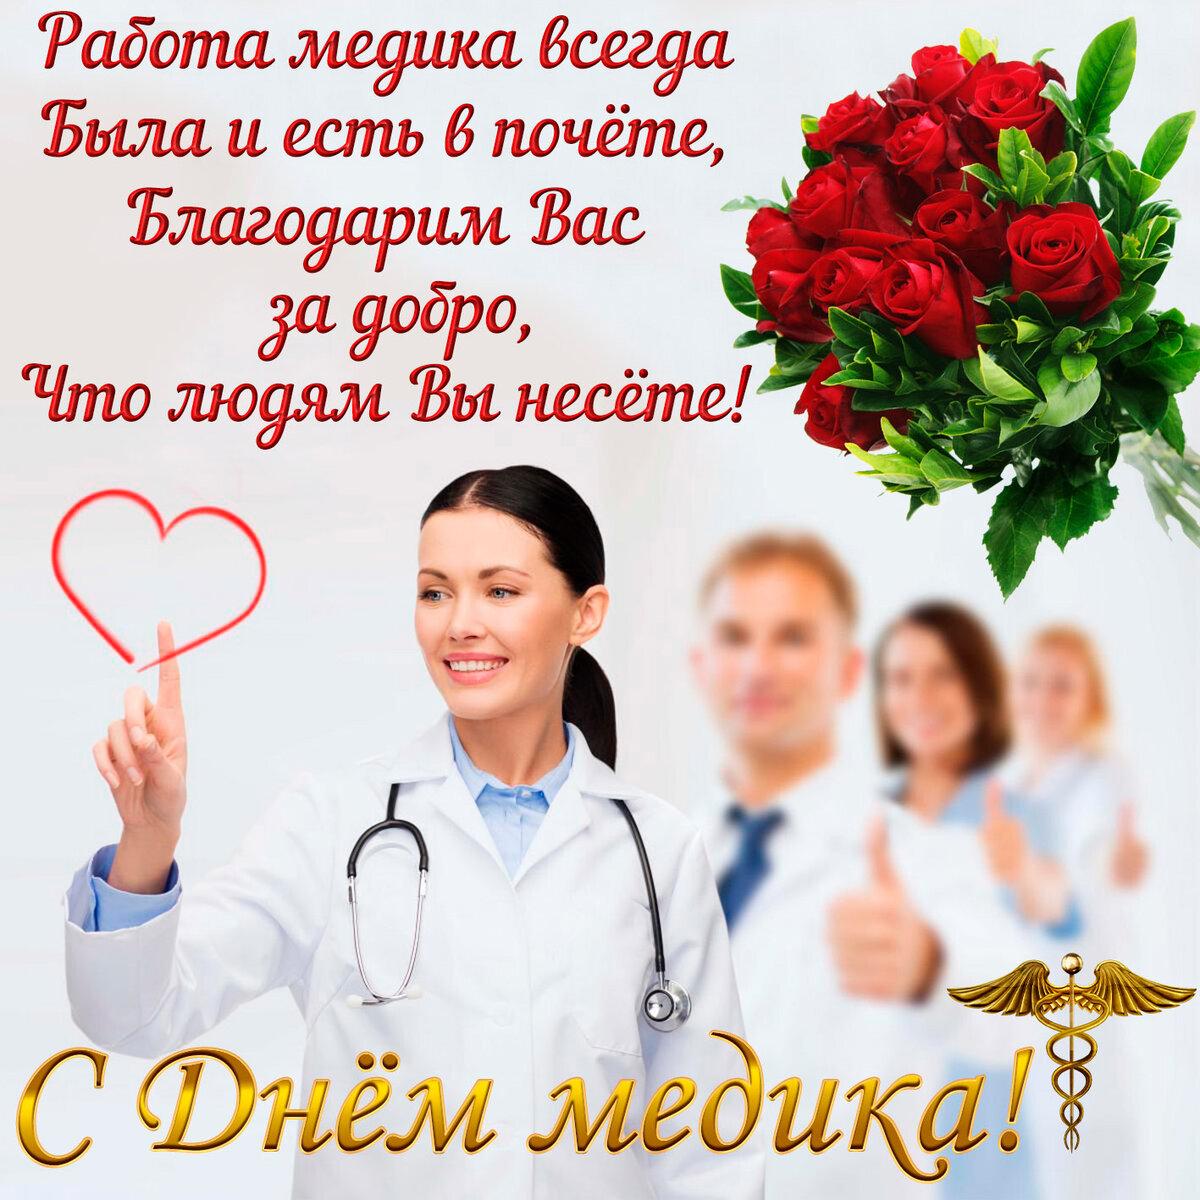 теле поздравления ко дню медработника коллегам в картинках гамме